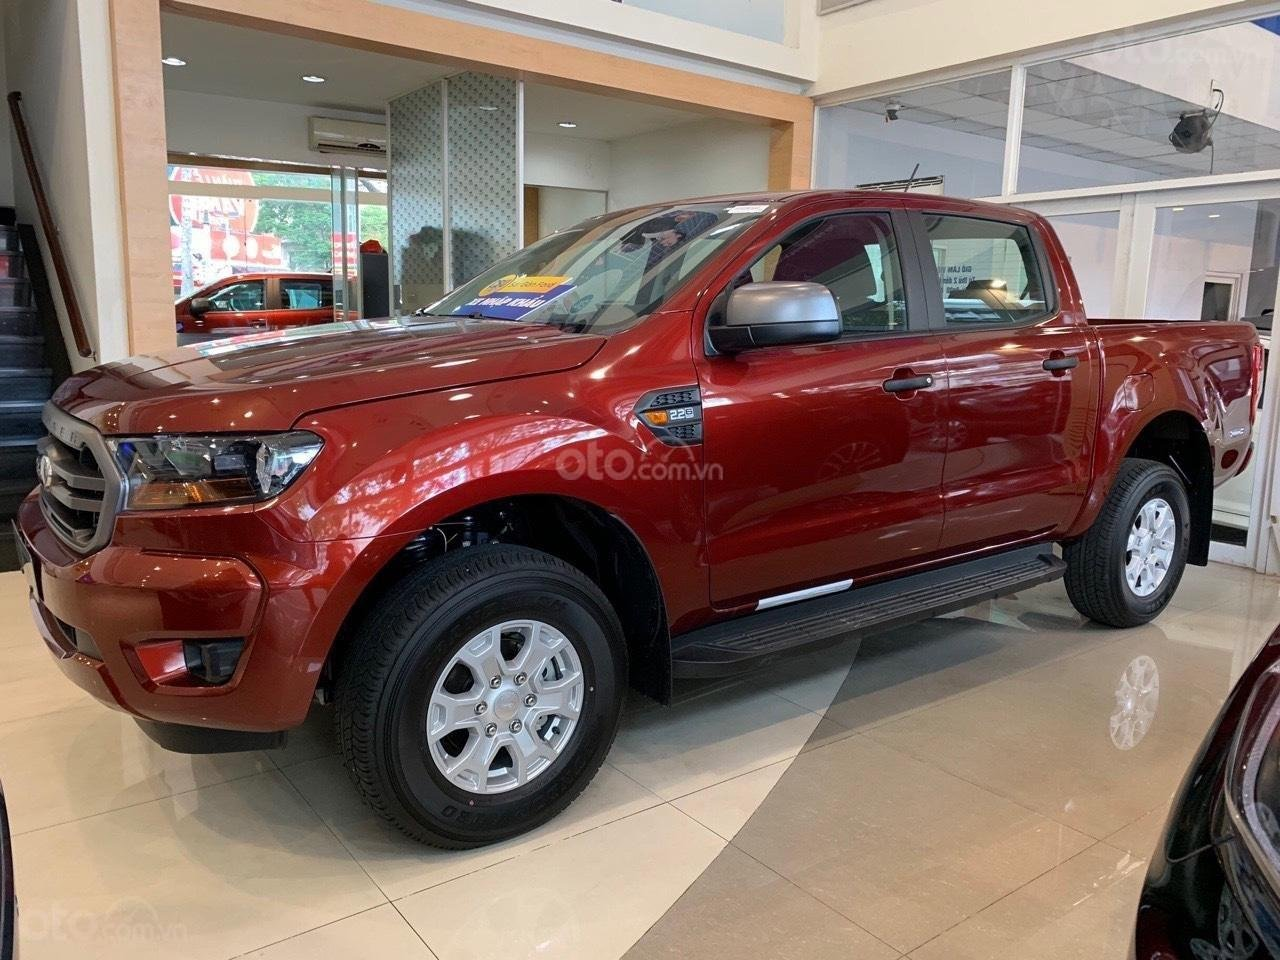 Bán ô tô Ford Ranger XLS AT sản xuất 2019, màu đỏ, xe nhập, giá tốt tặng full phụ kiện, LH 0974286009 (3)